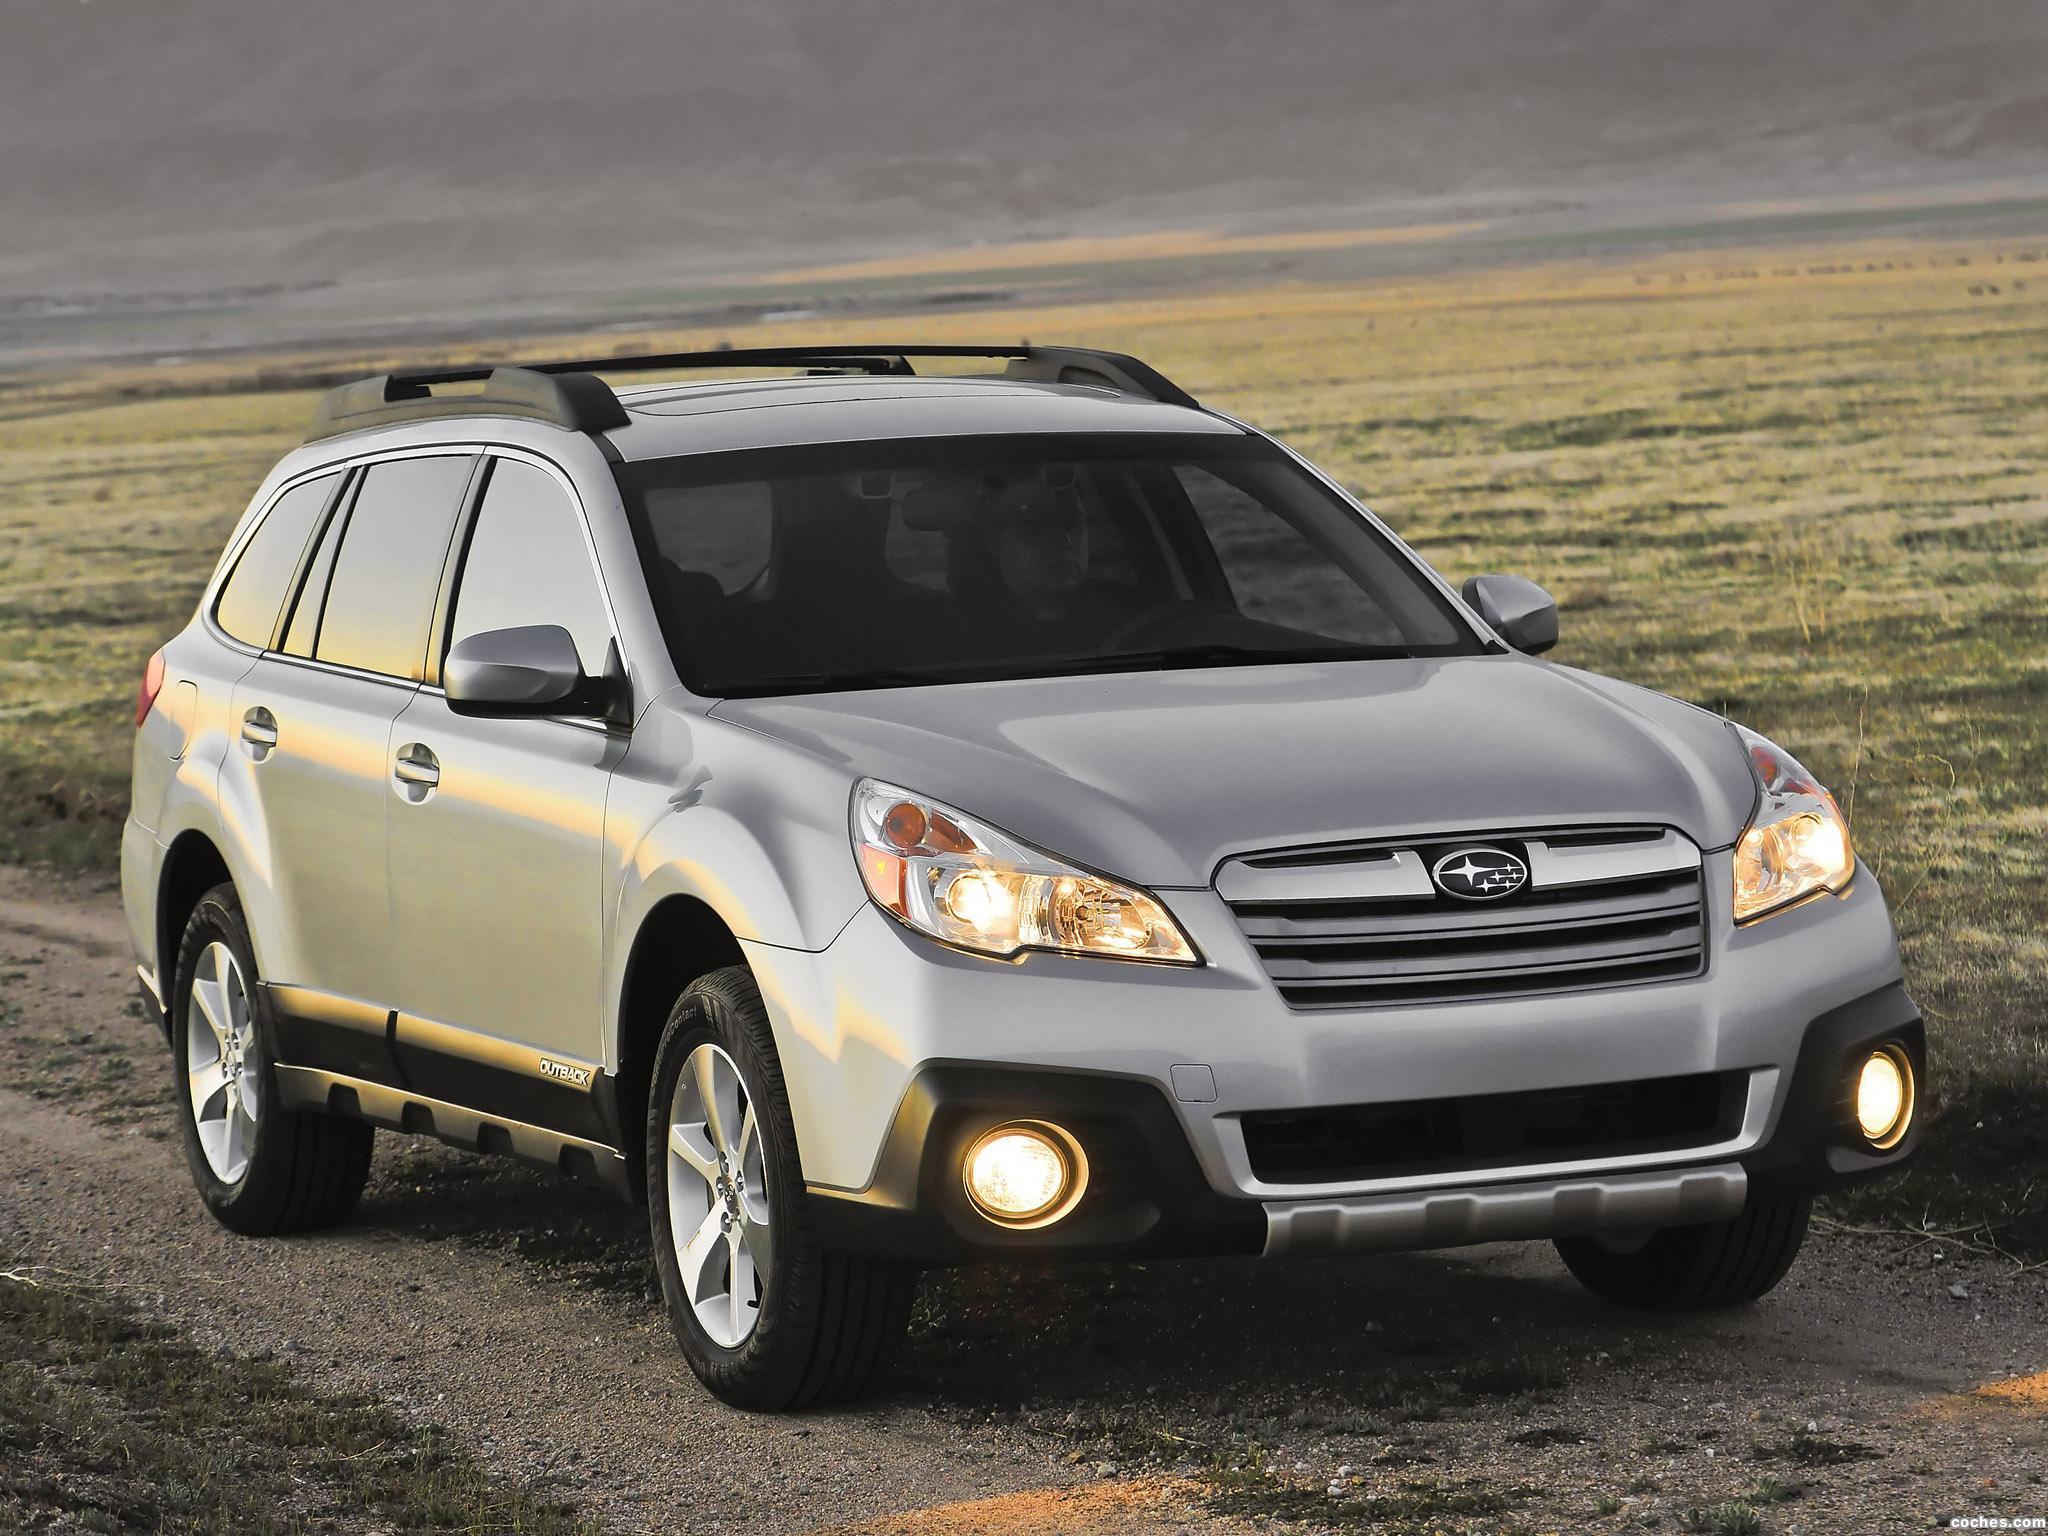 Foto 0 de Subaru Outback 2.5i USA 2012